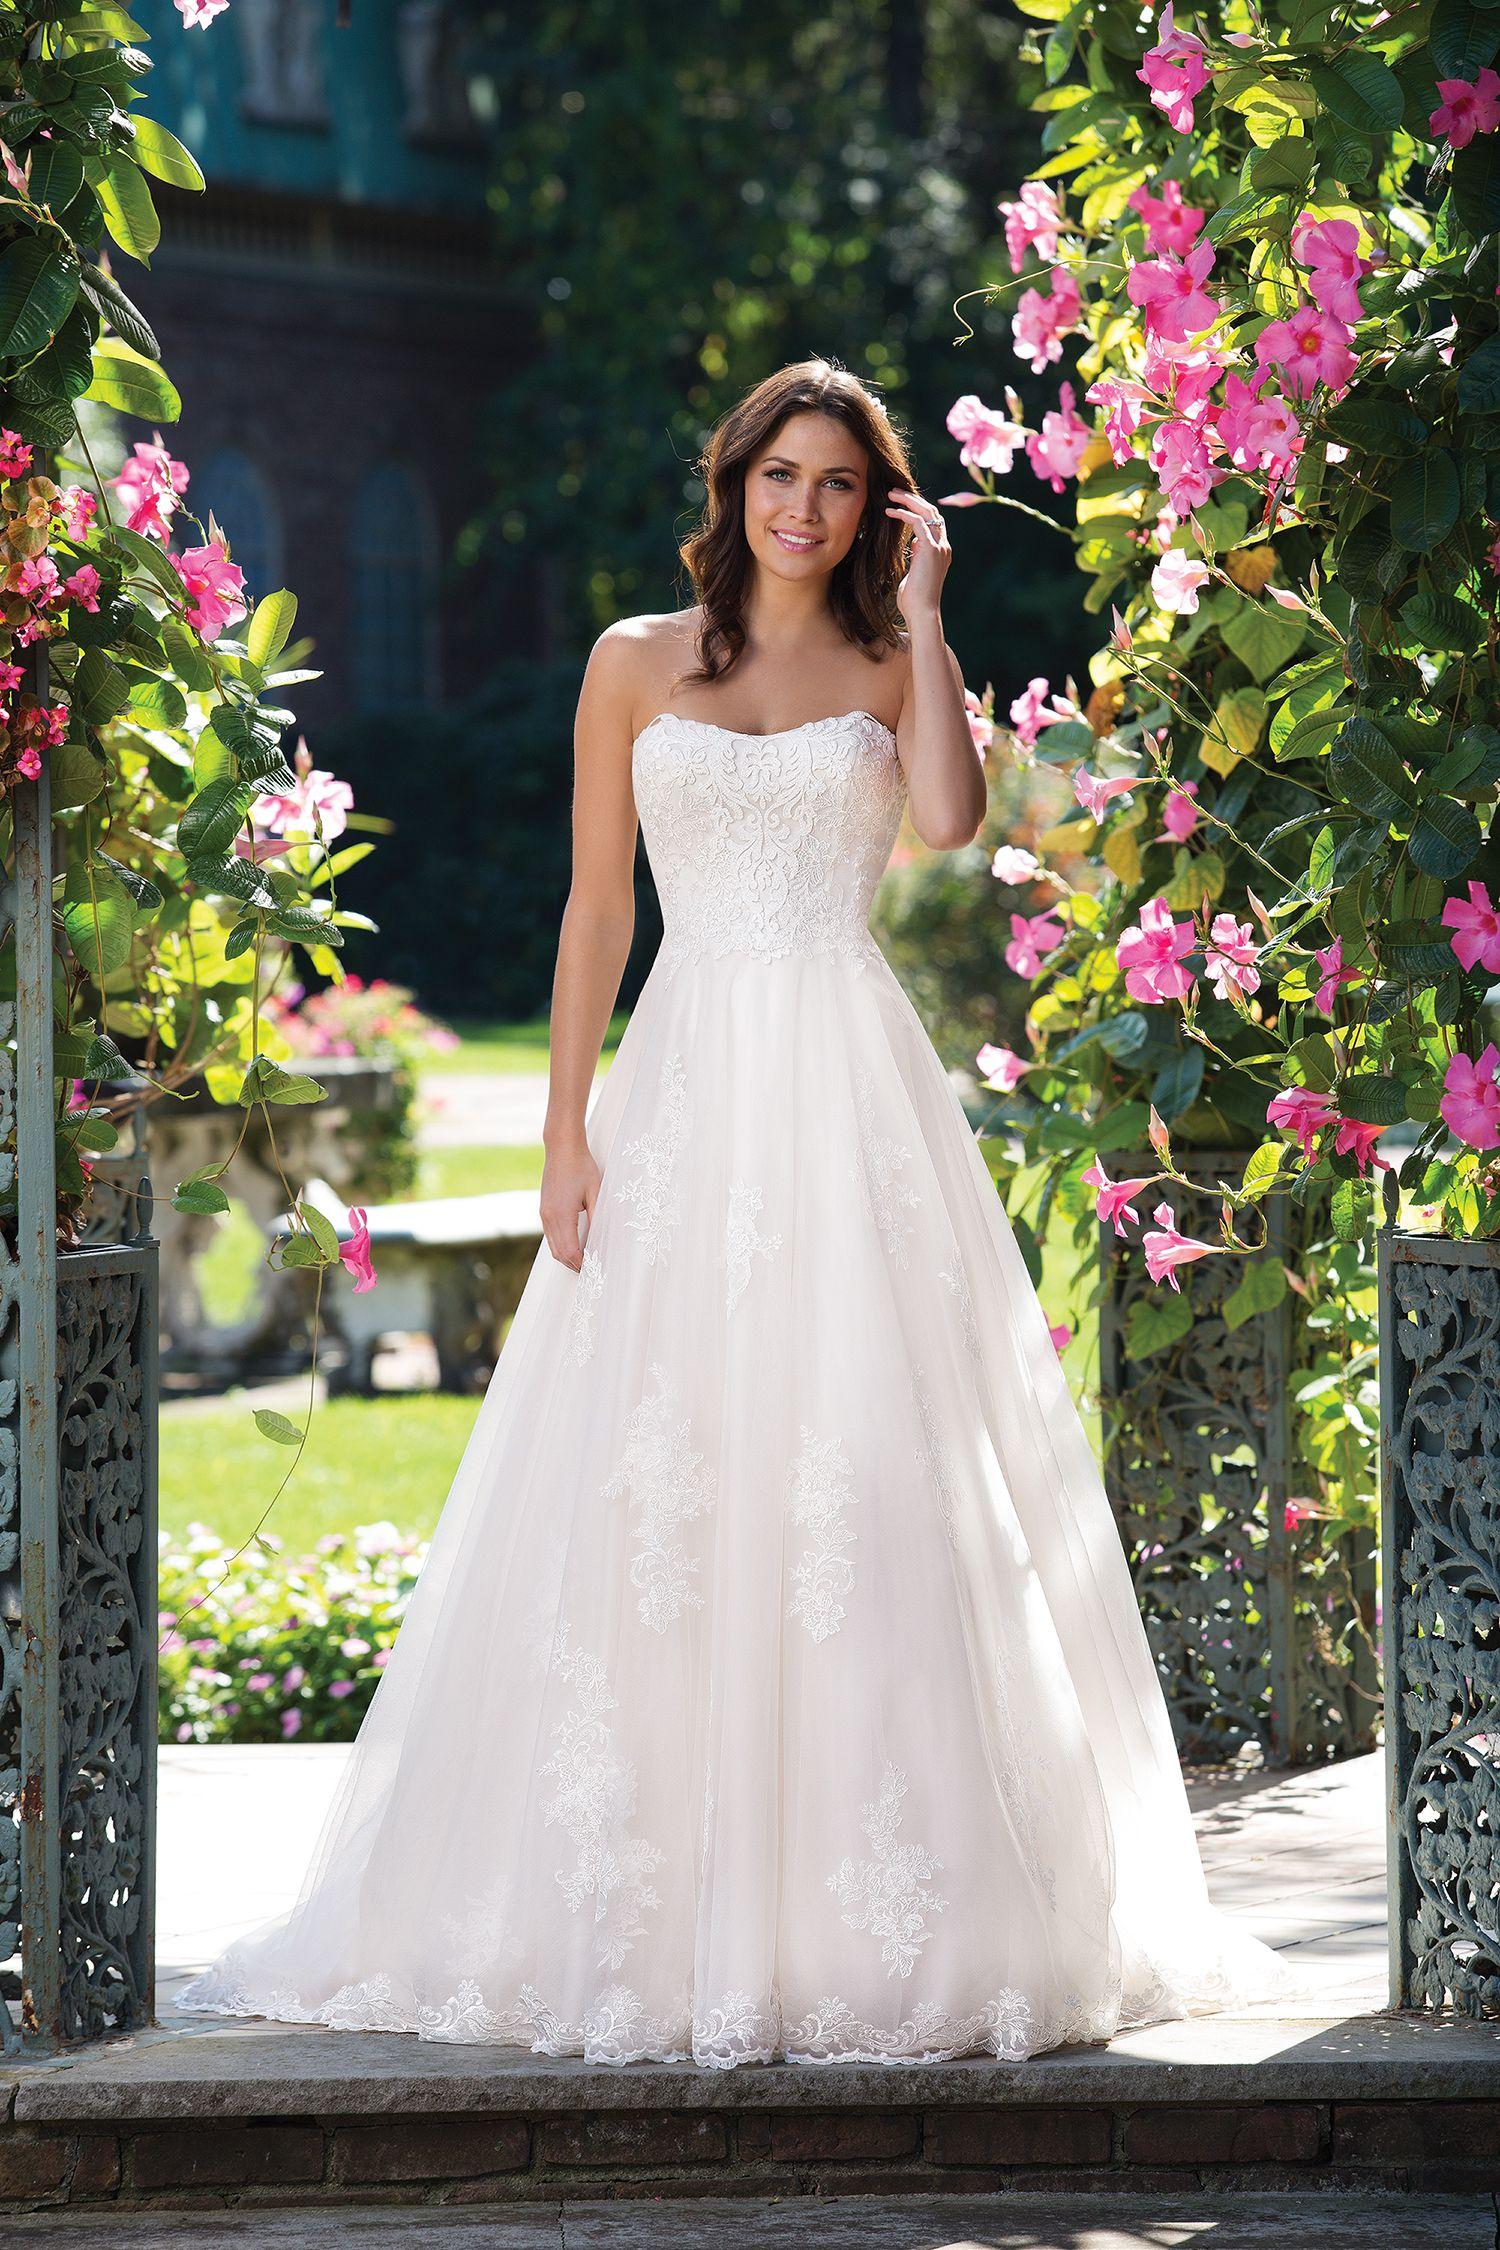 Épinglé par a l infini mariage sur robe de mariee | pinterest | idée